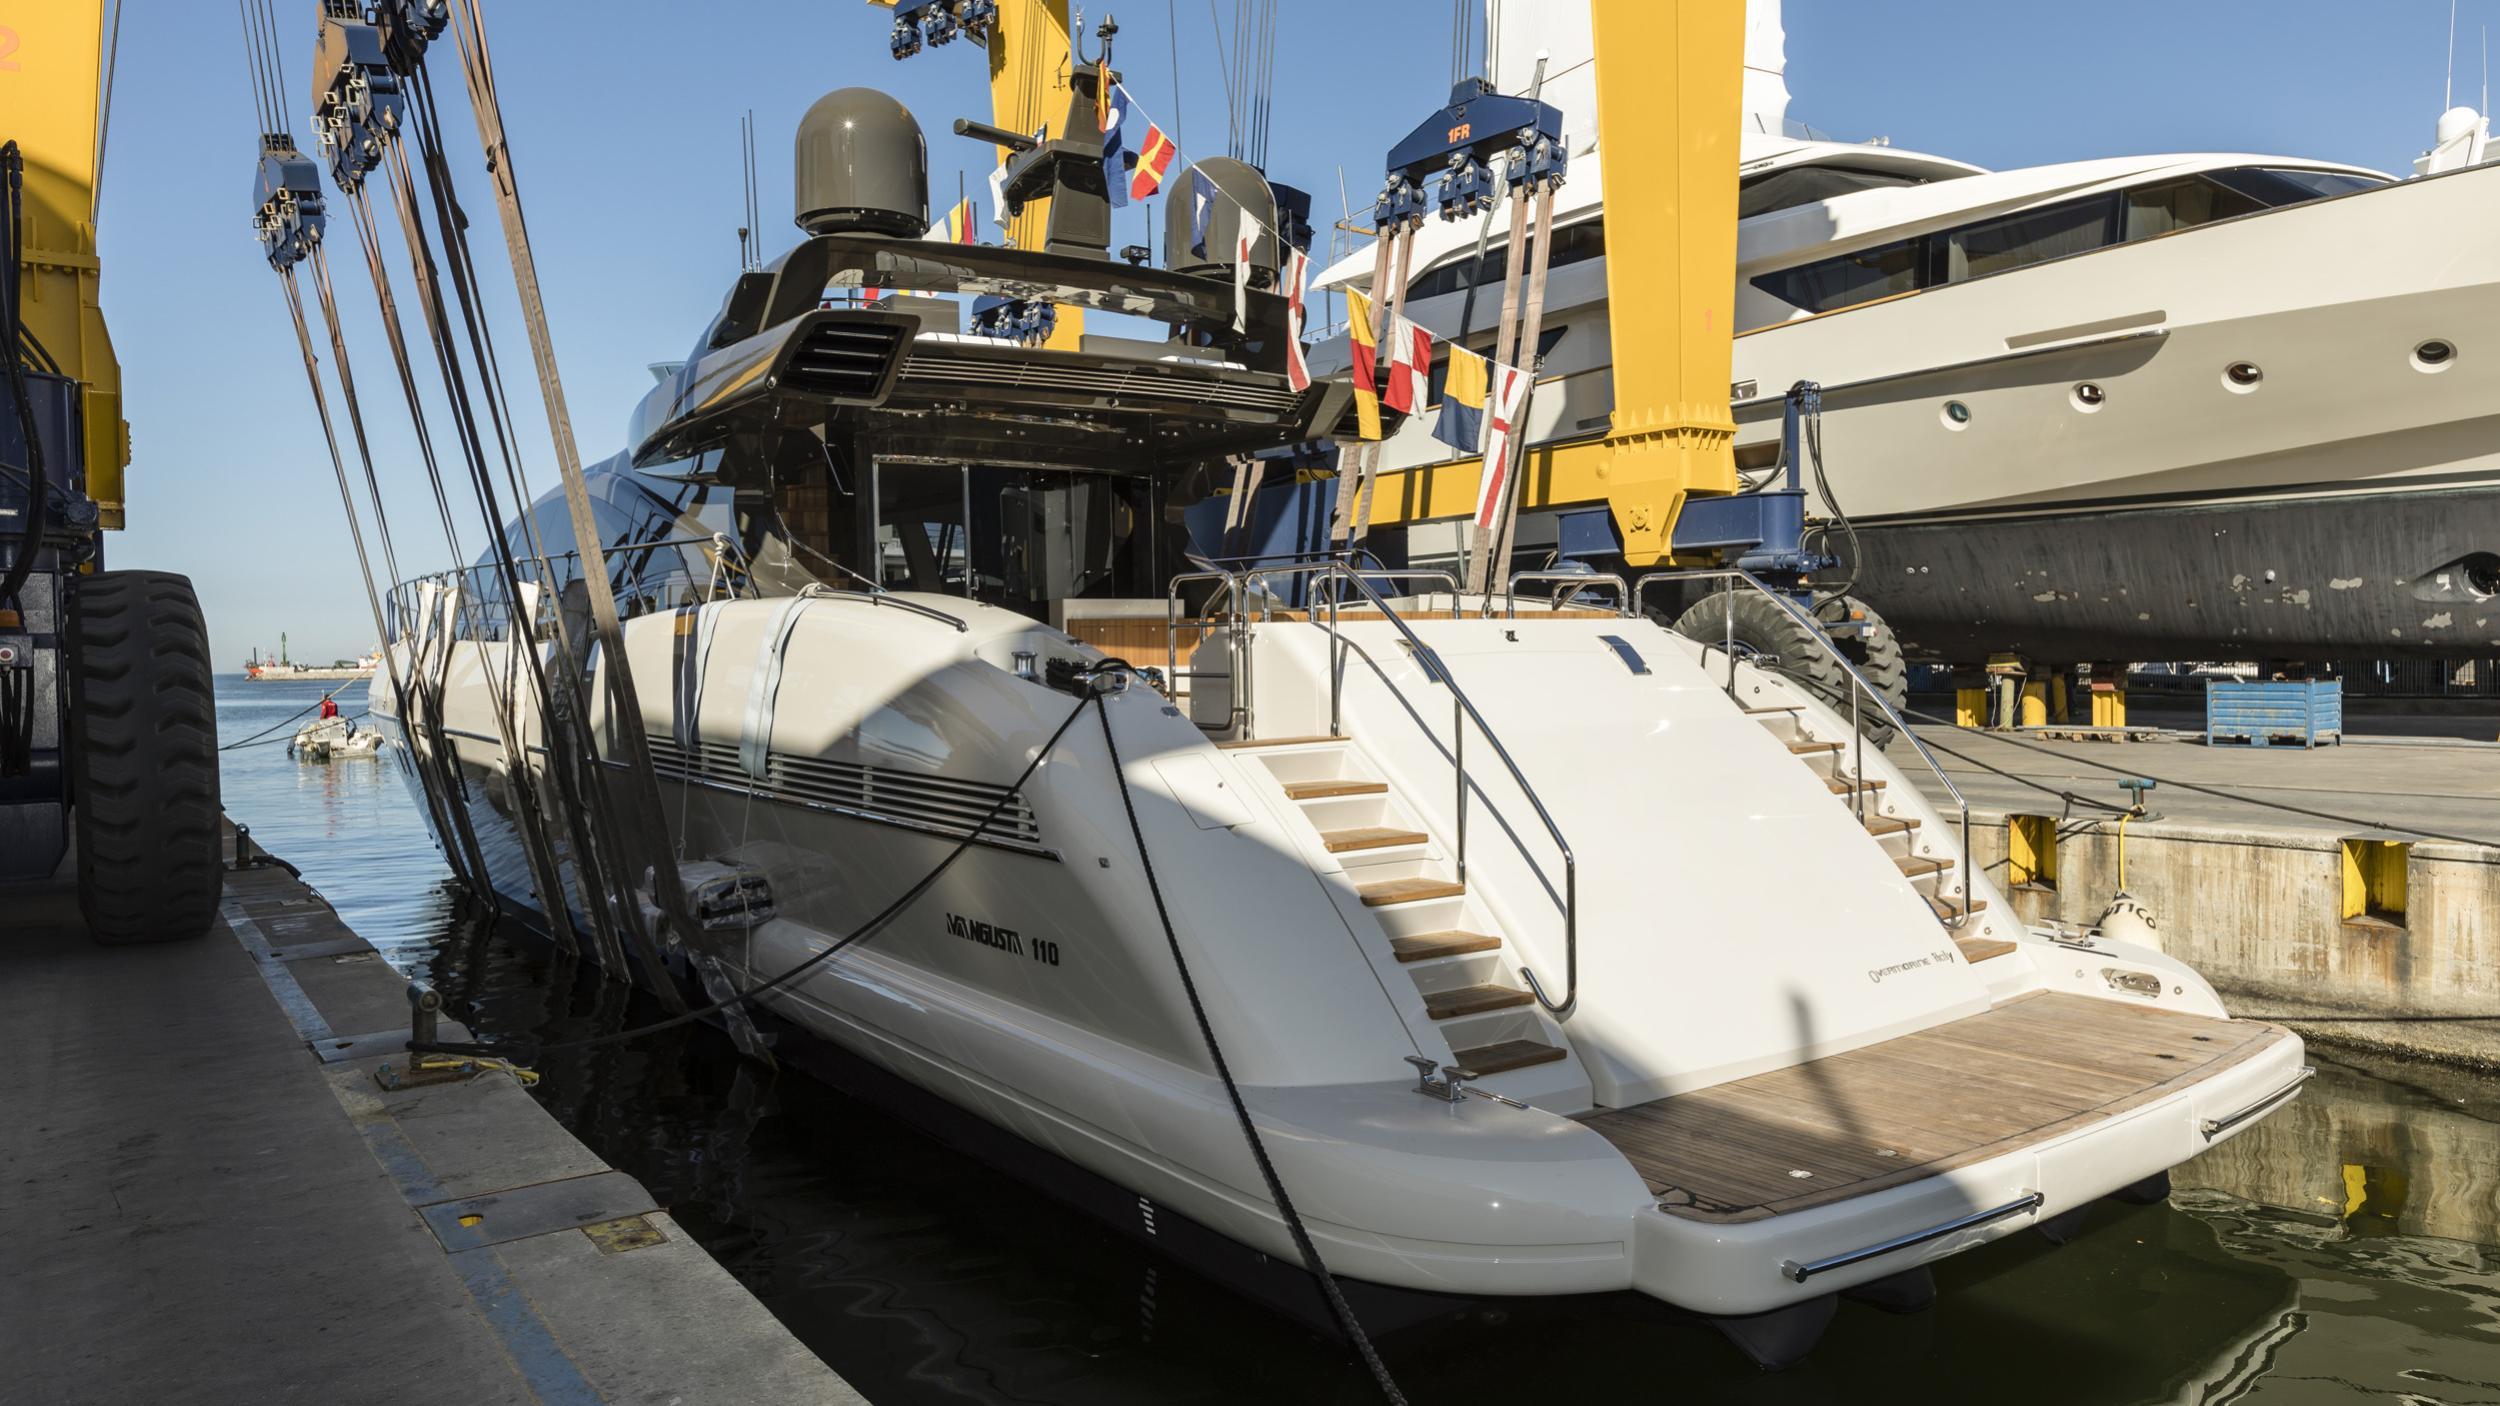 mangusta 110 hull 4 motoryacht overmarine 34m 2019 launch half stern